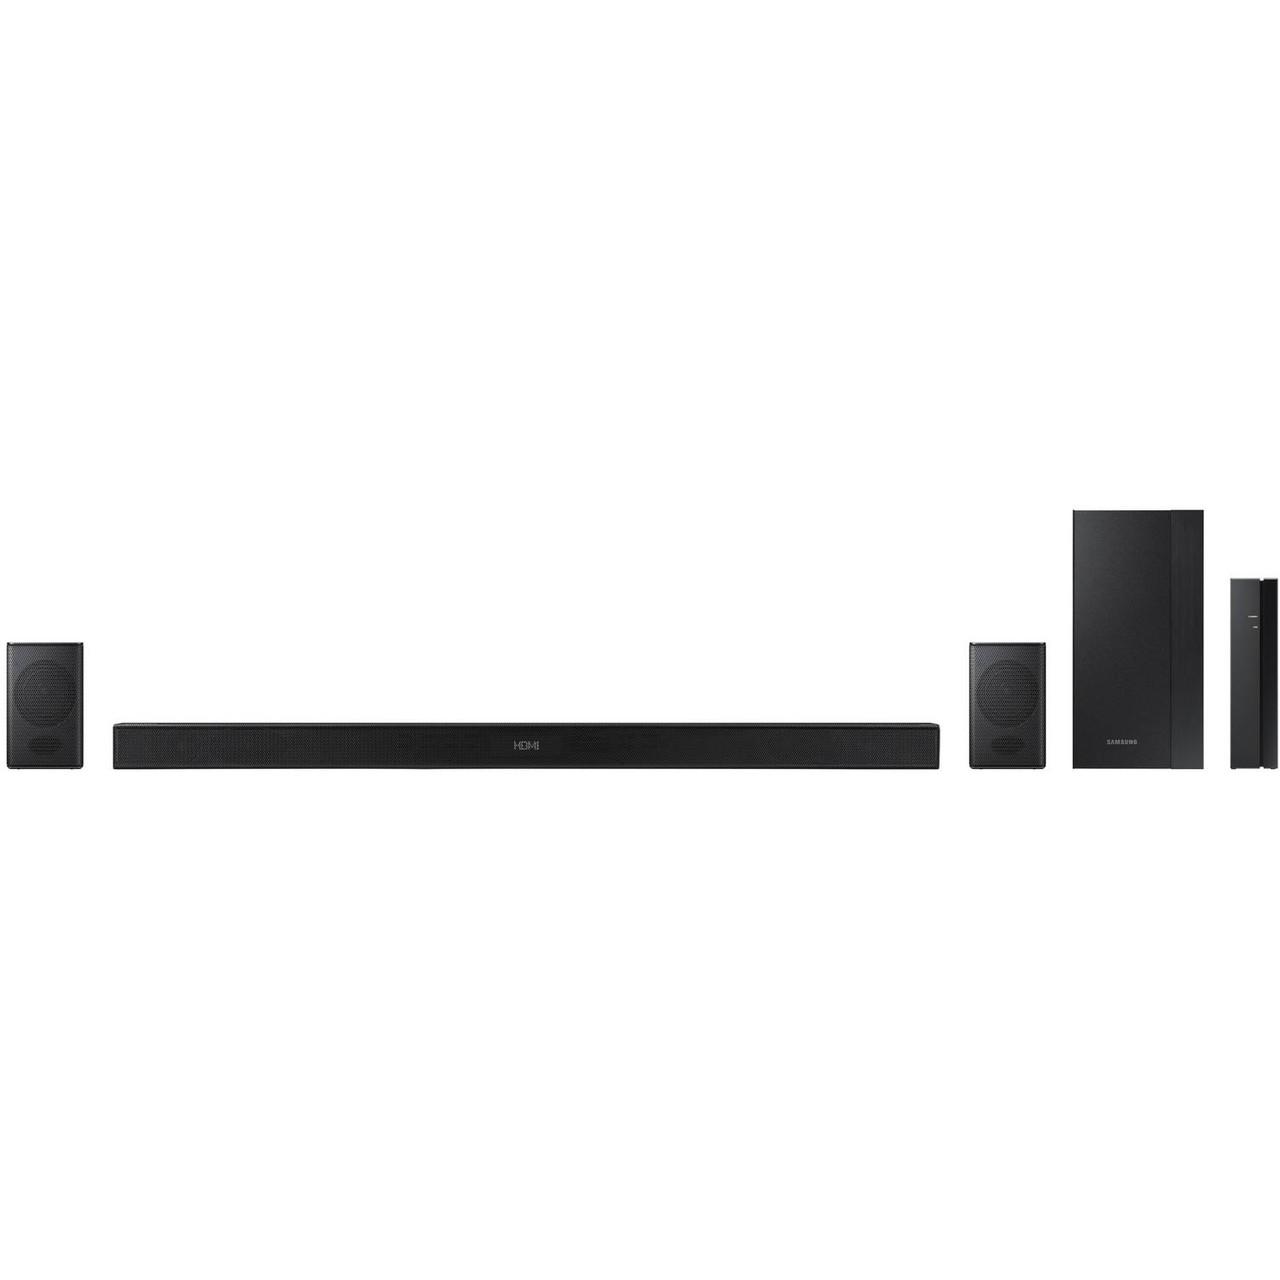 """Samsung HW-KM37/ZAR 4.1 Channel 200W Soundbar System with 5.25"""" Wireless Subwoofer - Certified Refurbished"""